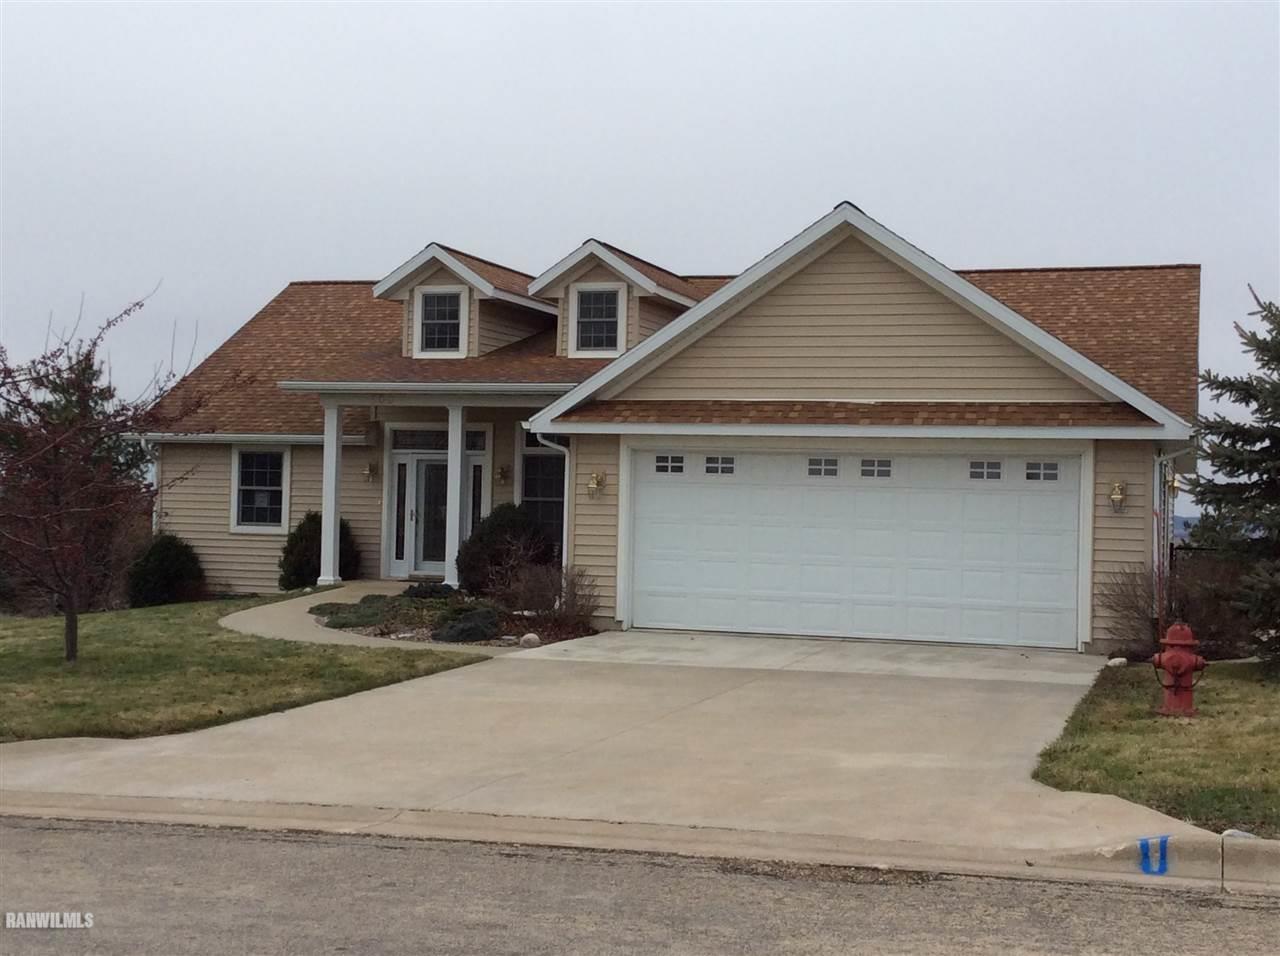 Real Estate for Sale, ListingId: 36685400, Stockton,IL61085